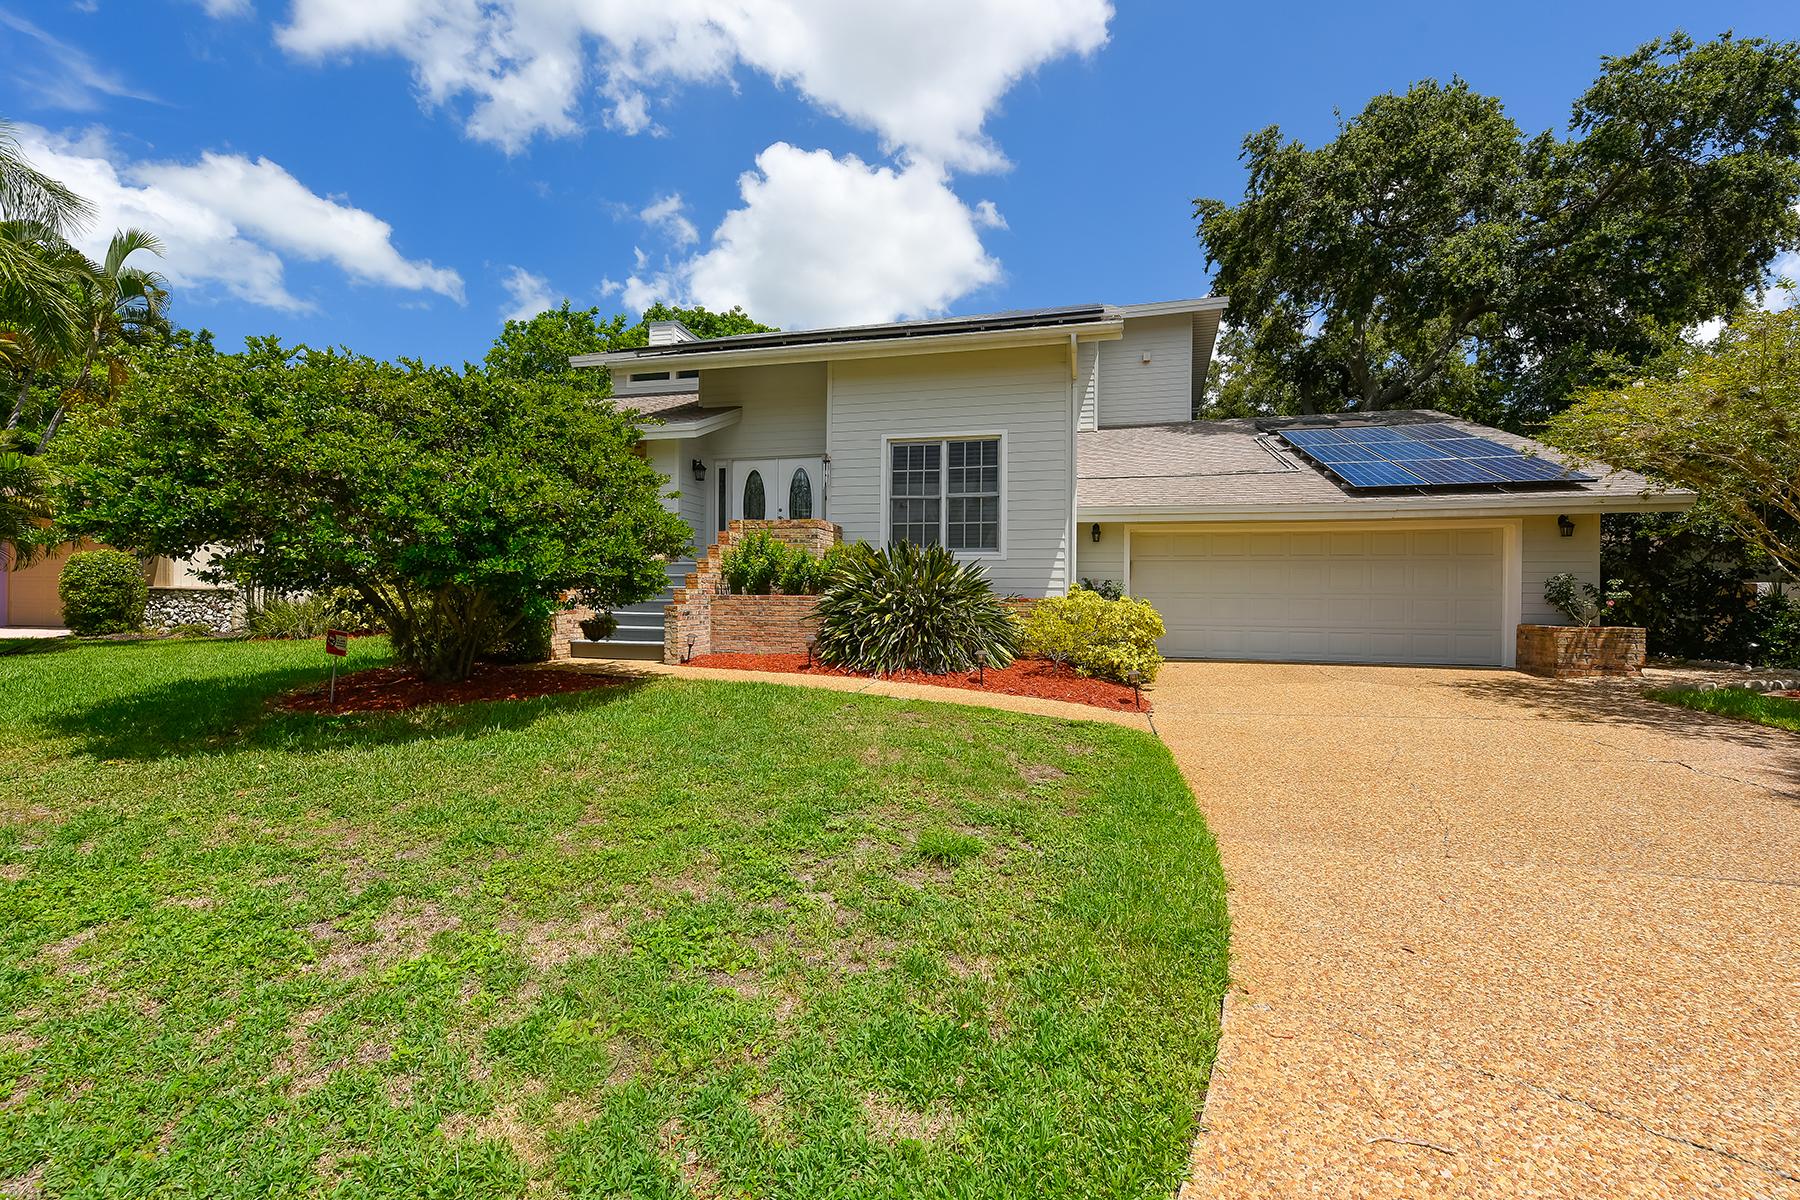 Casa Unifamiliar por un Venta en SIESTA KEY 5352 Siesta Ct Sarasota, Florida, 34242 Estados Unidos